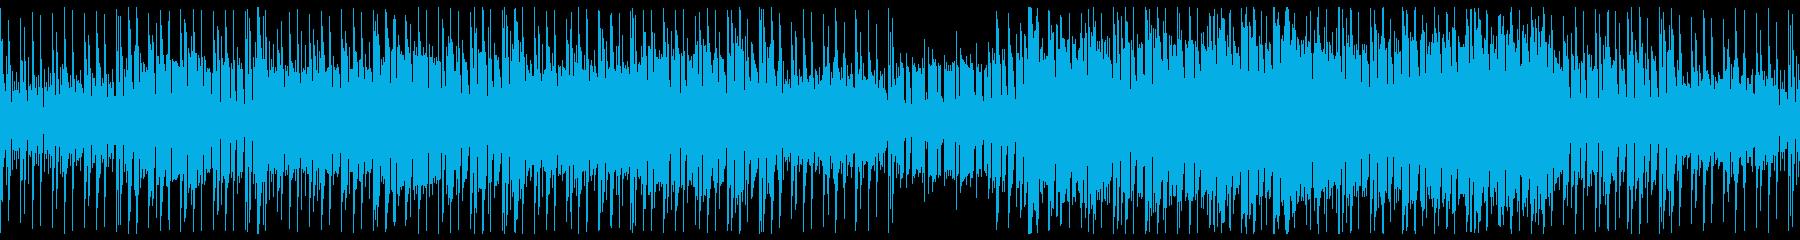 ダークなアップミドルサイバー系テクノの再生済みの波形